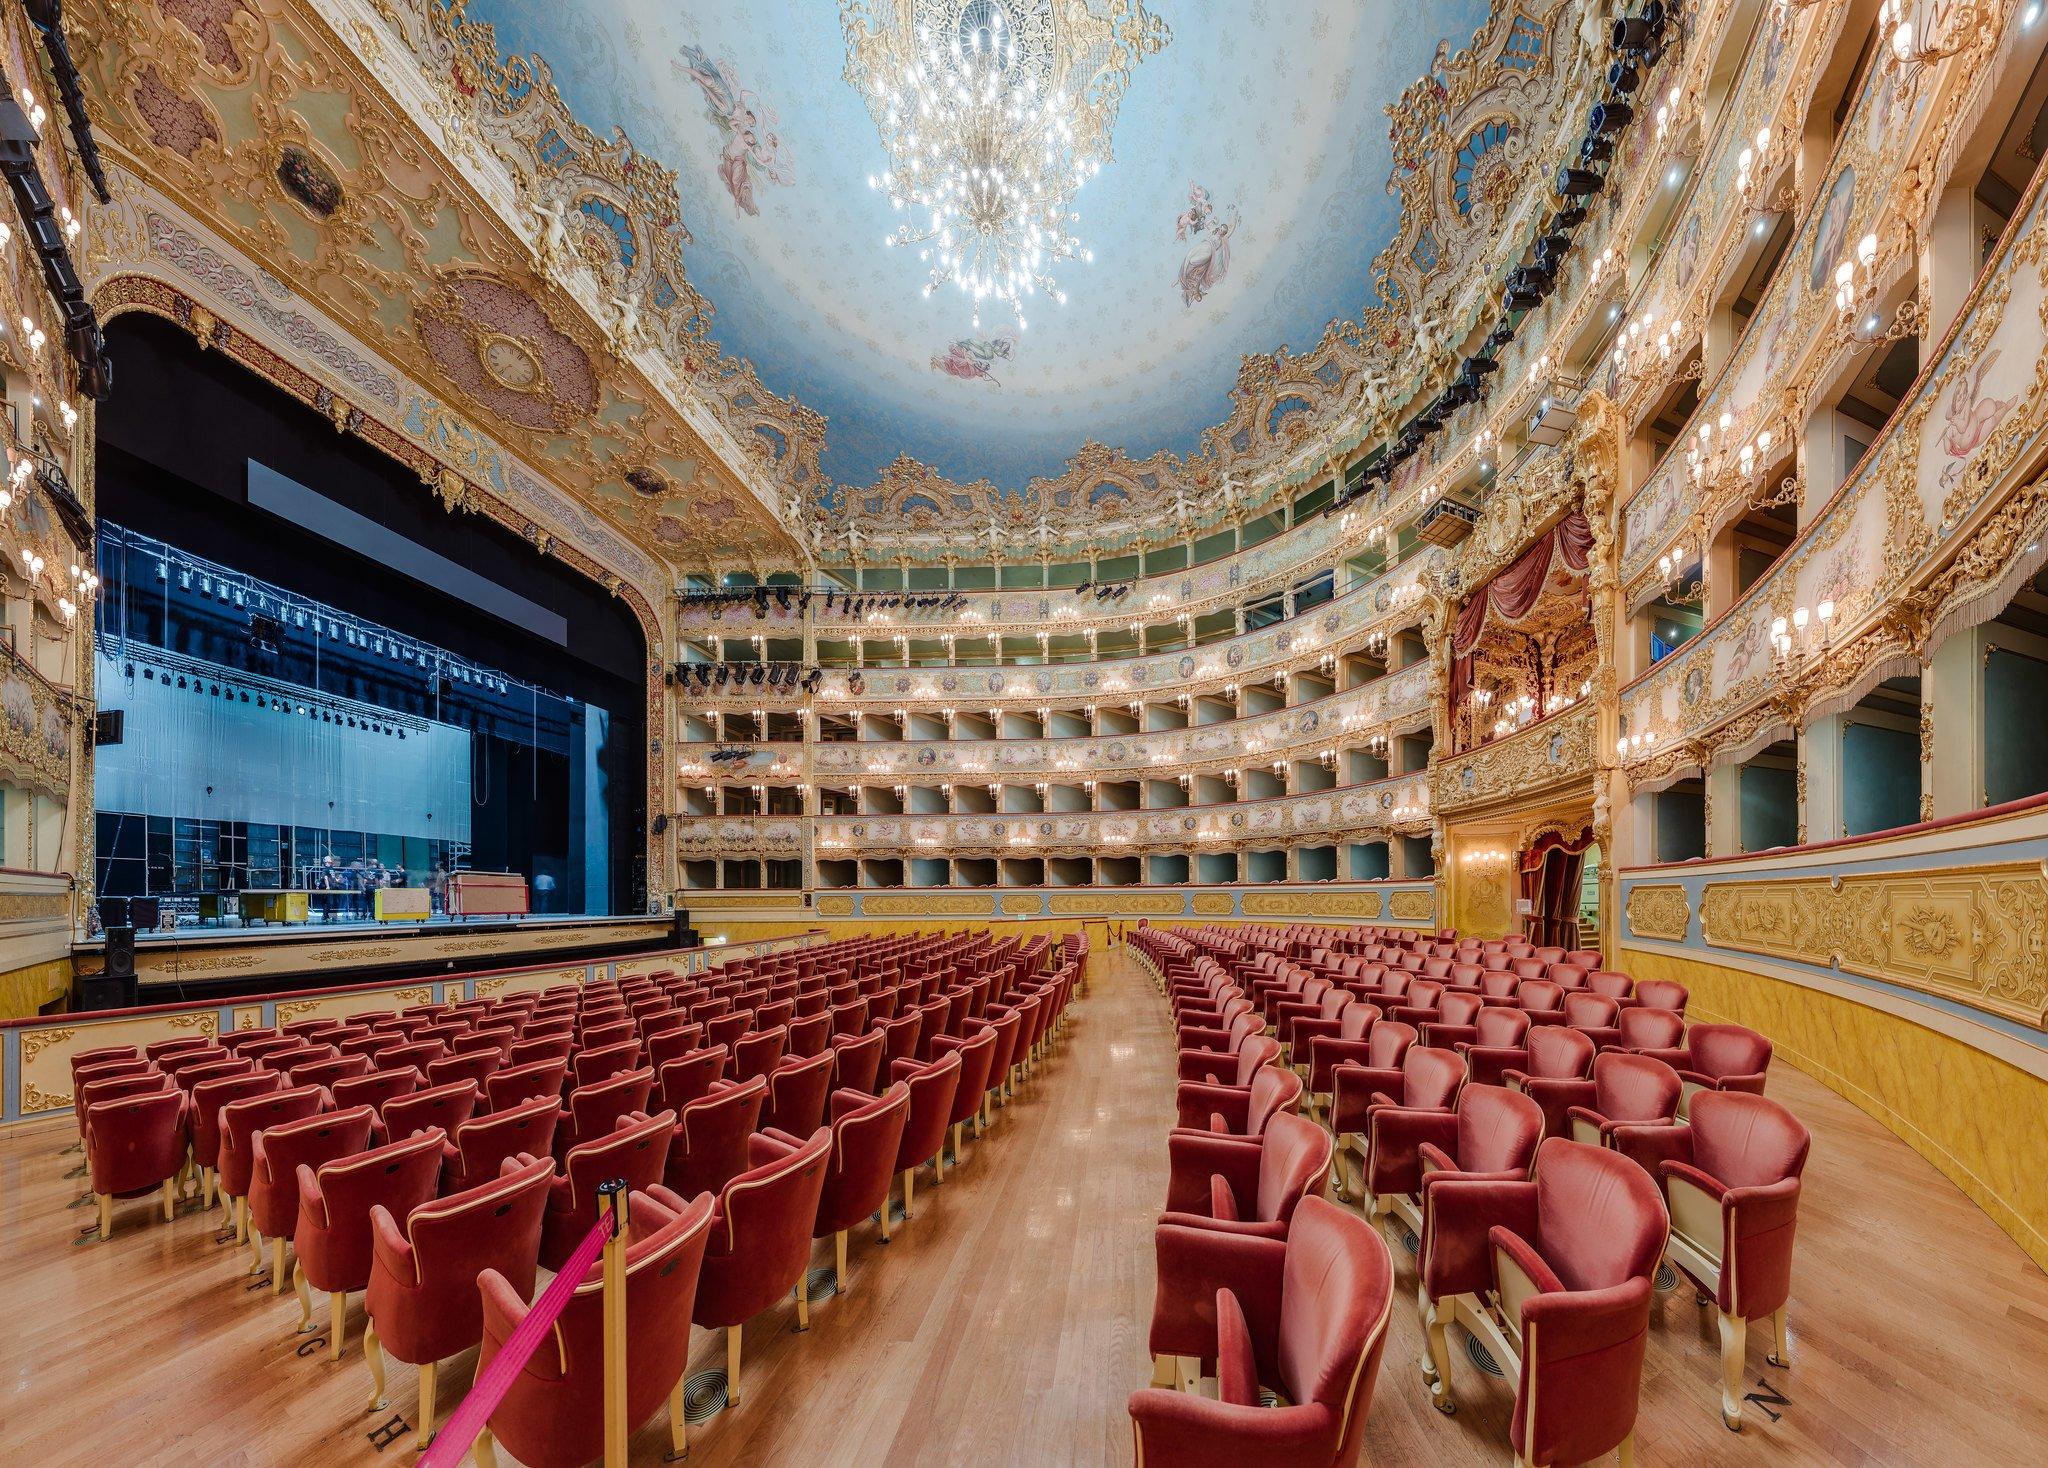 La Fenice Theatre - Venice